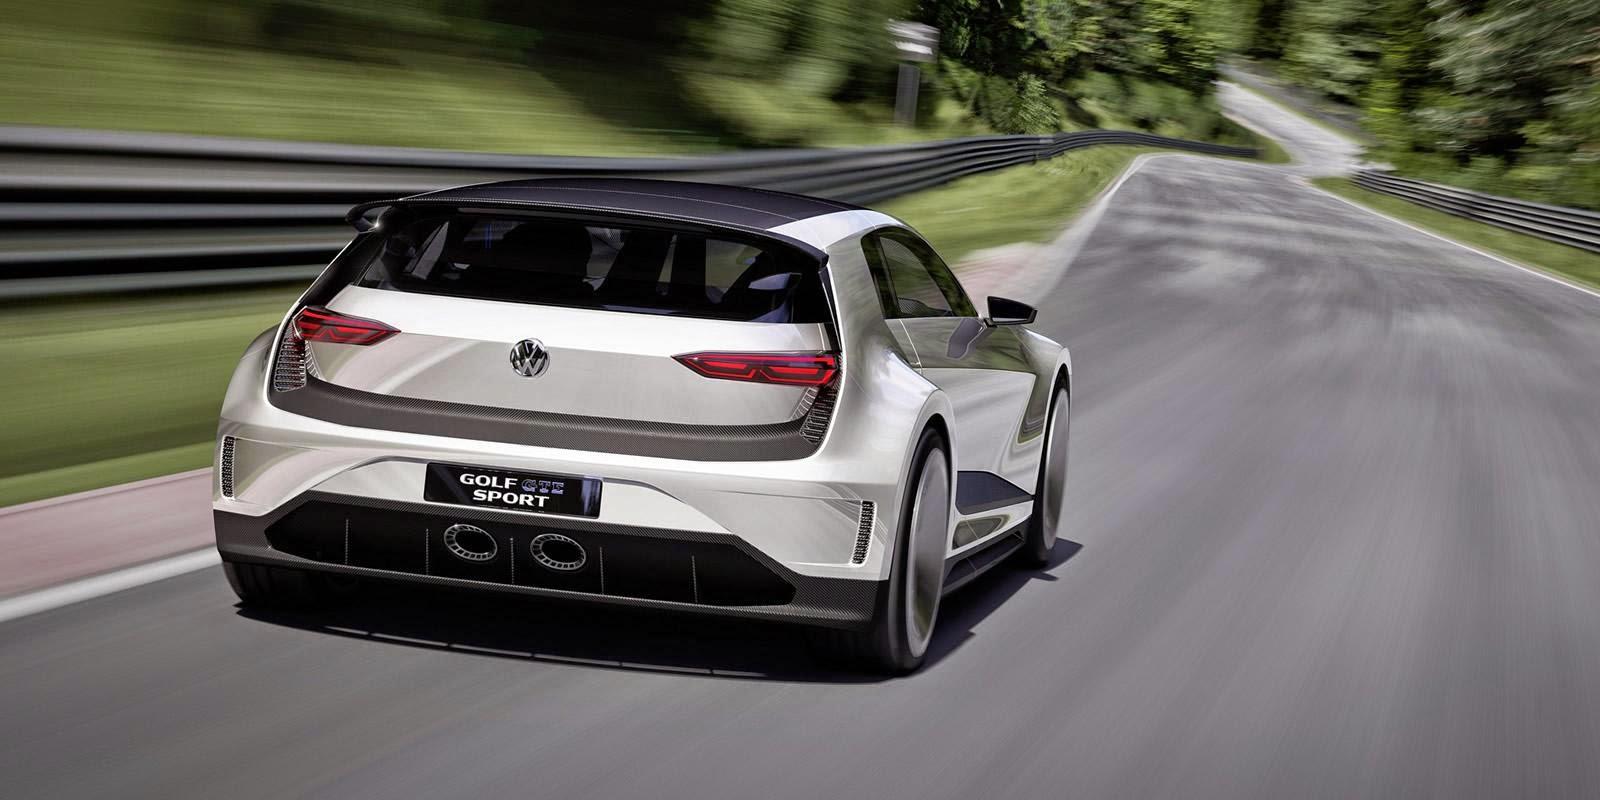 [Resim: Volkswagen%2BGolf%2BGTE%2BSport%2B2.jpg]